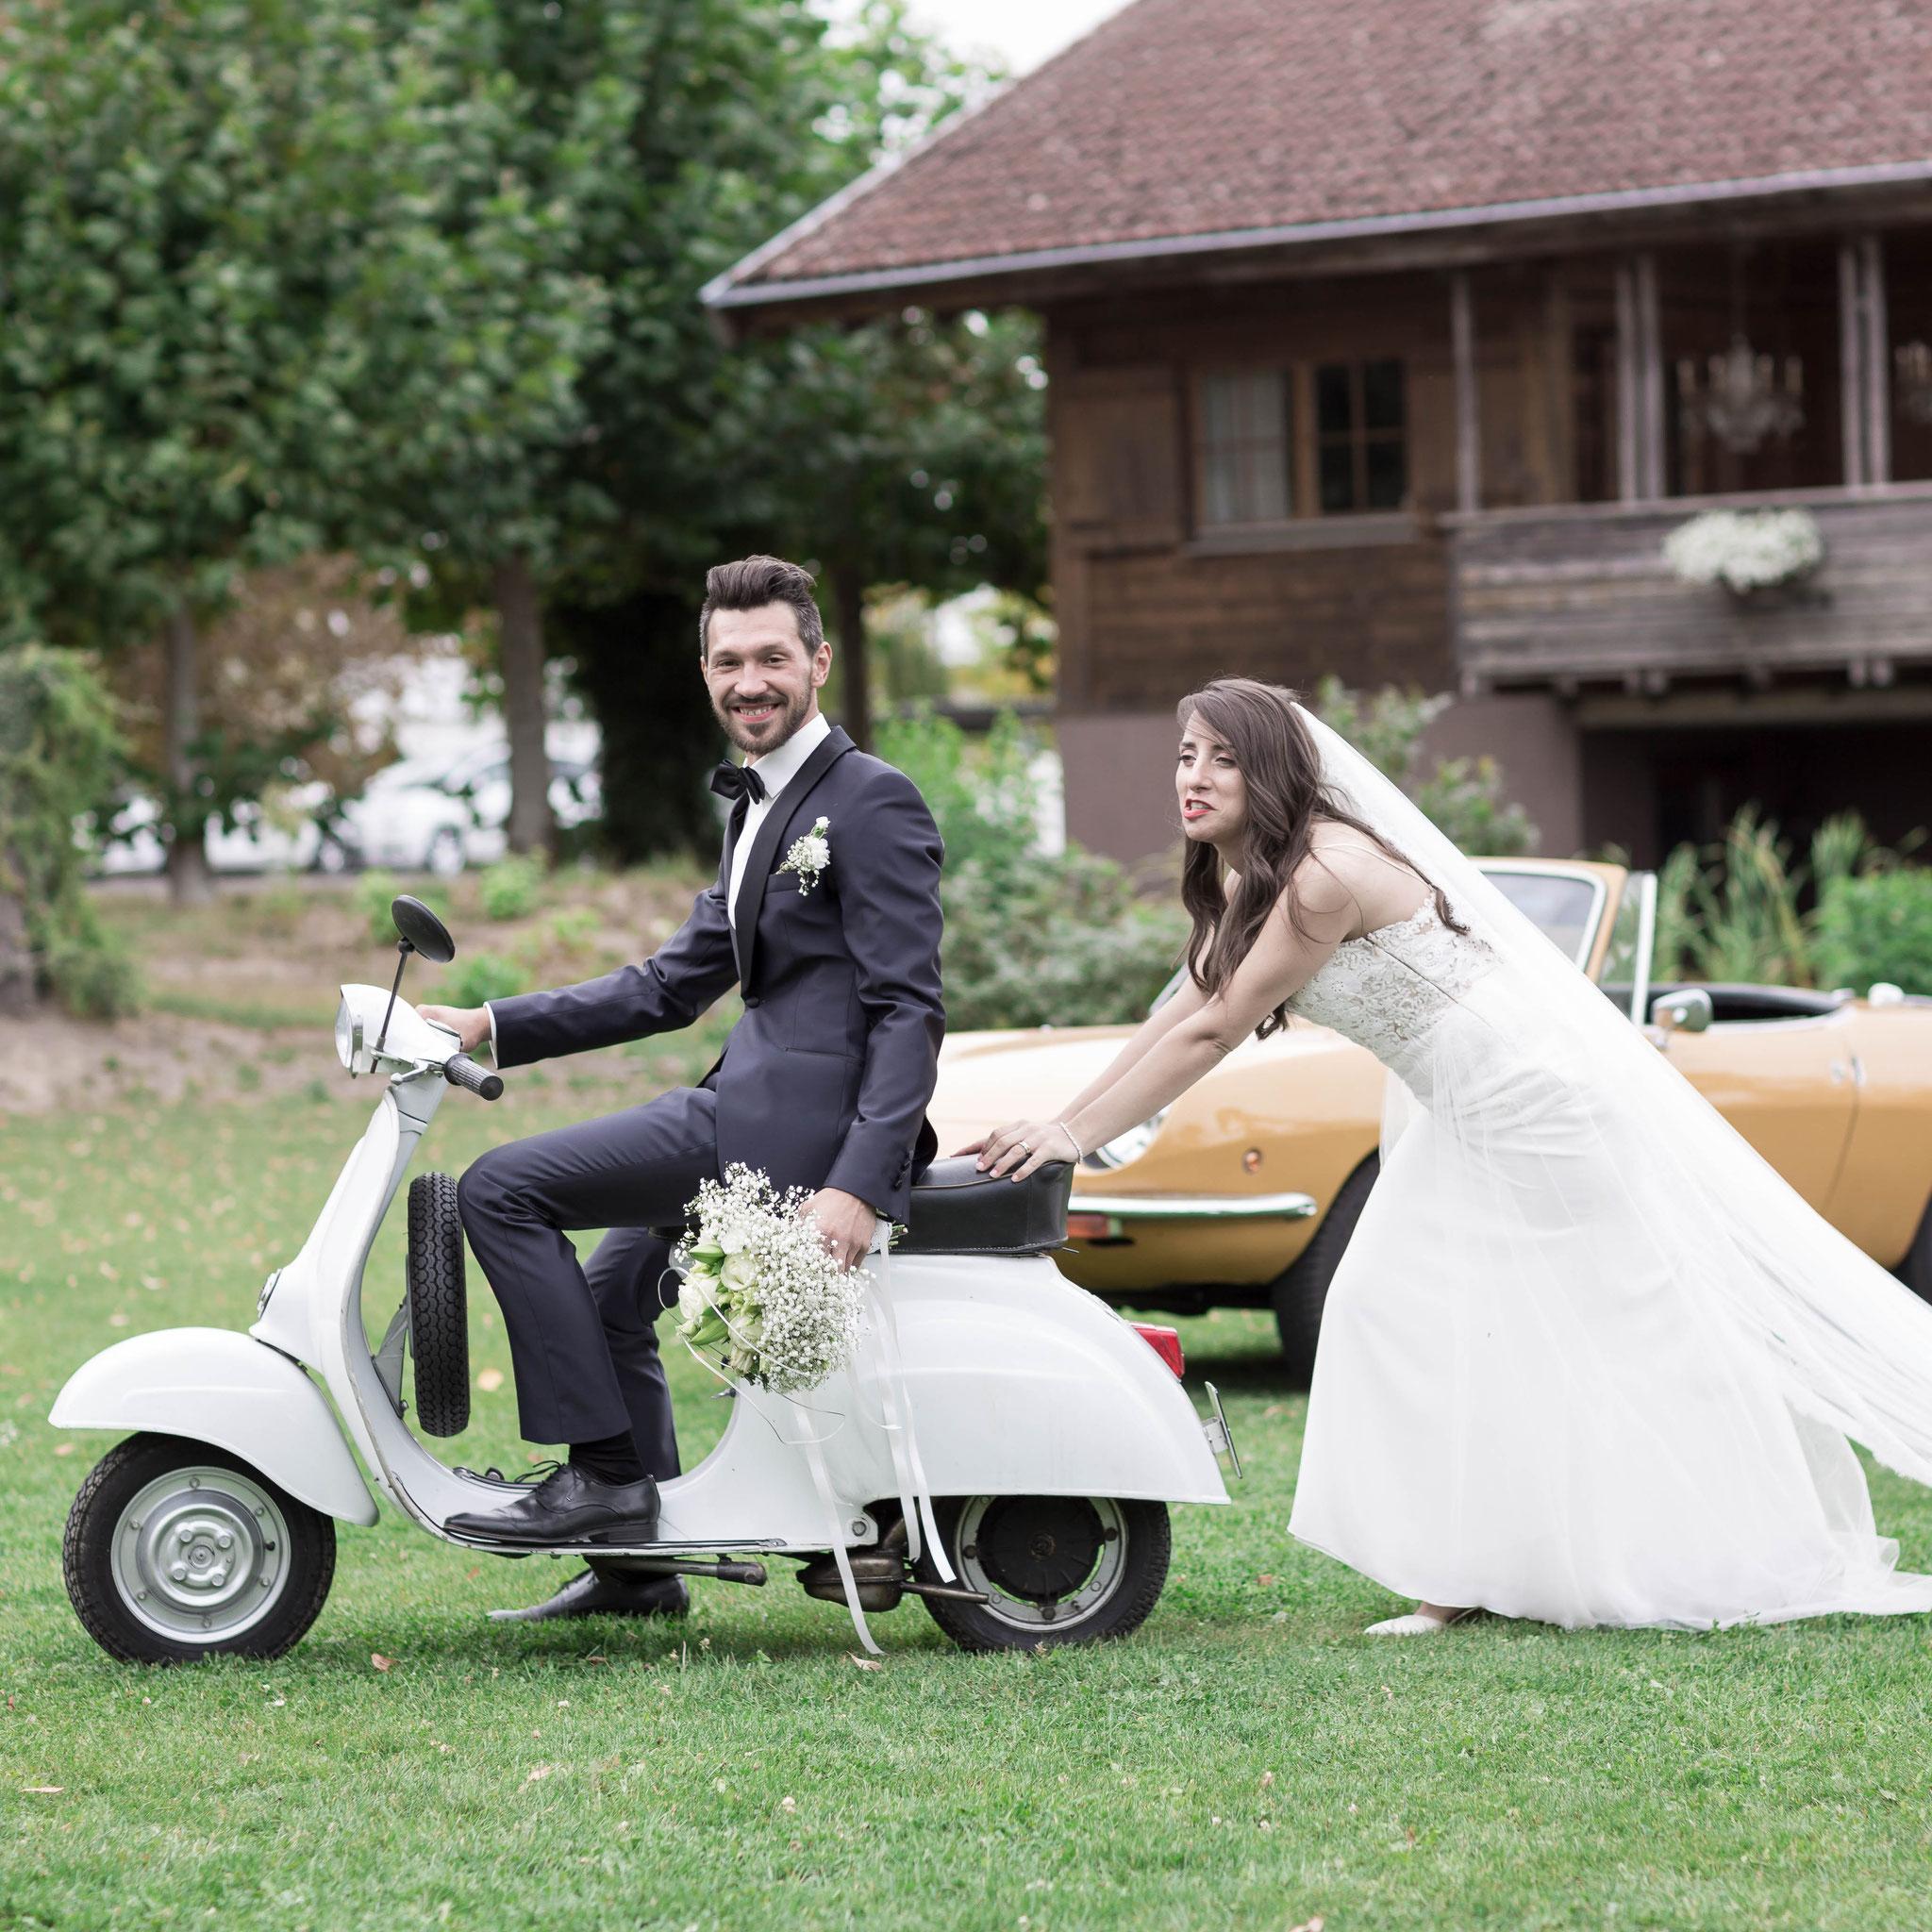 Fotograf für moderne russische Hochzeit in Schotten